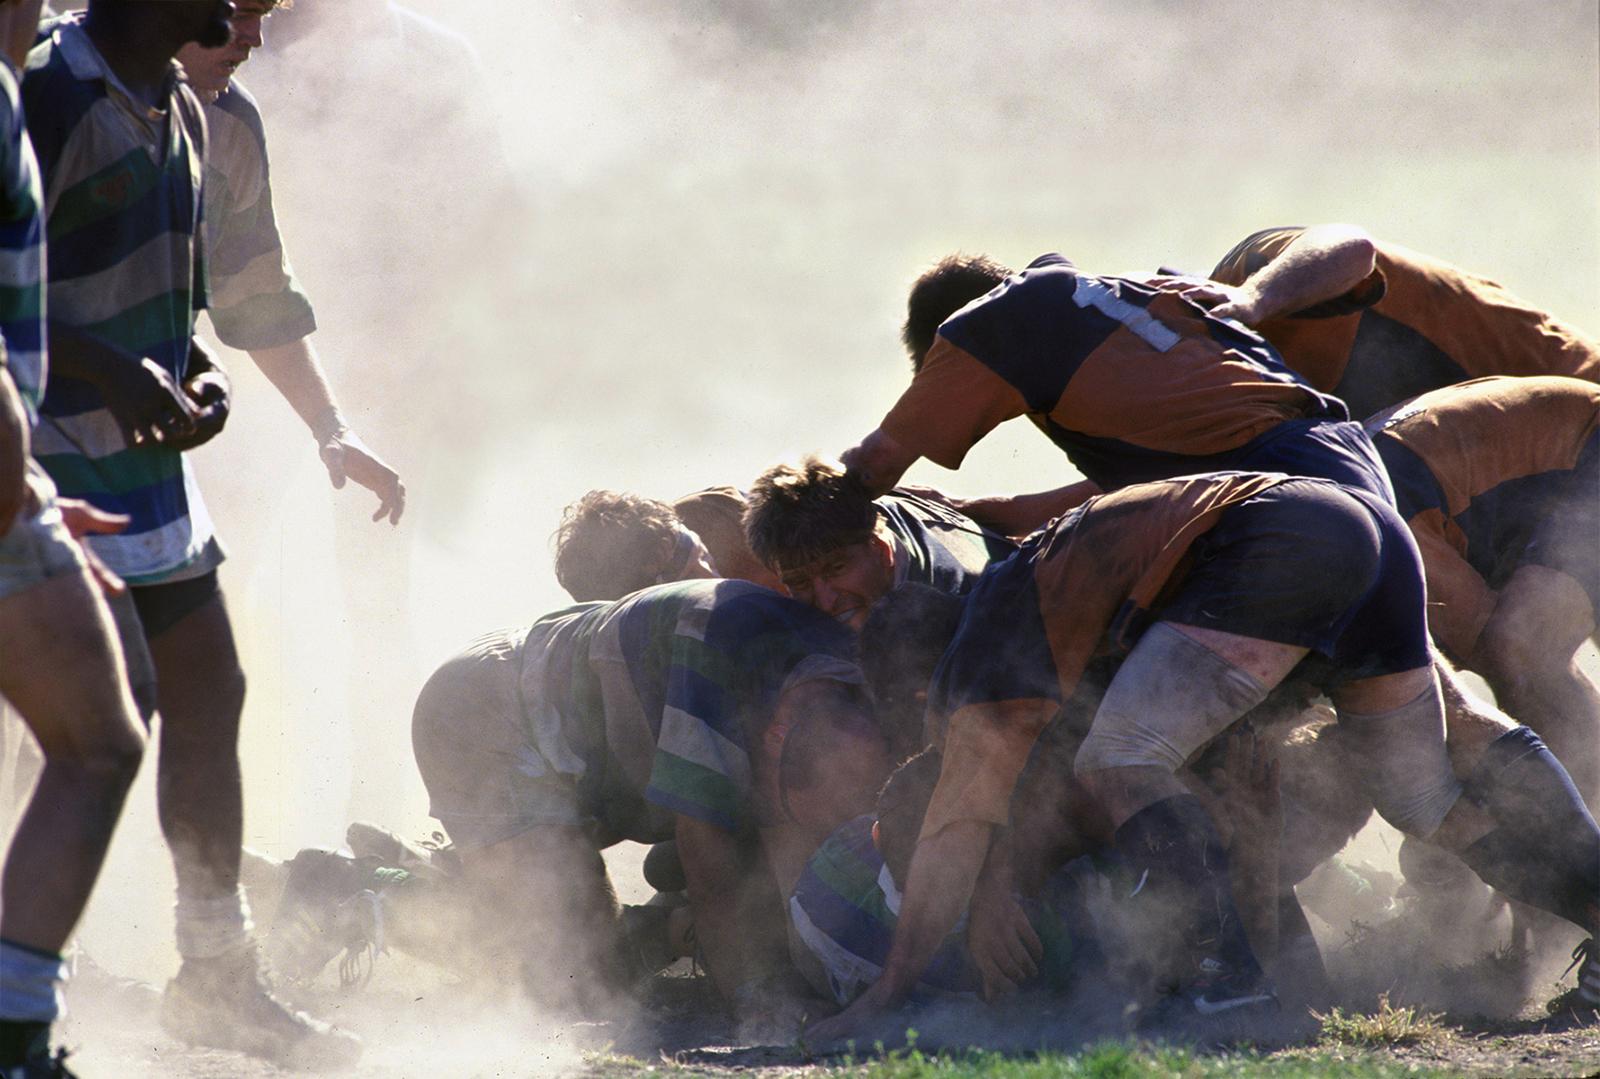 rugby_grit.jpg